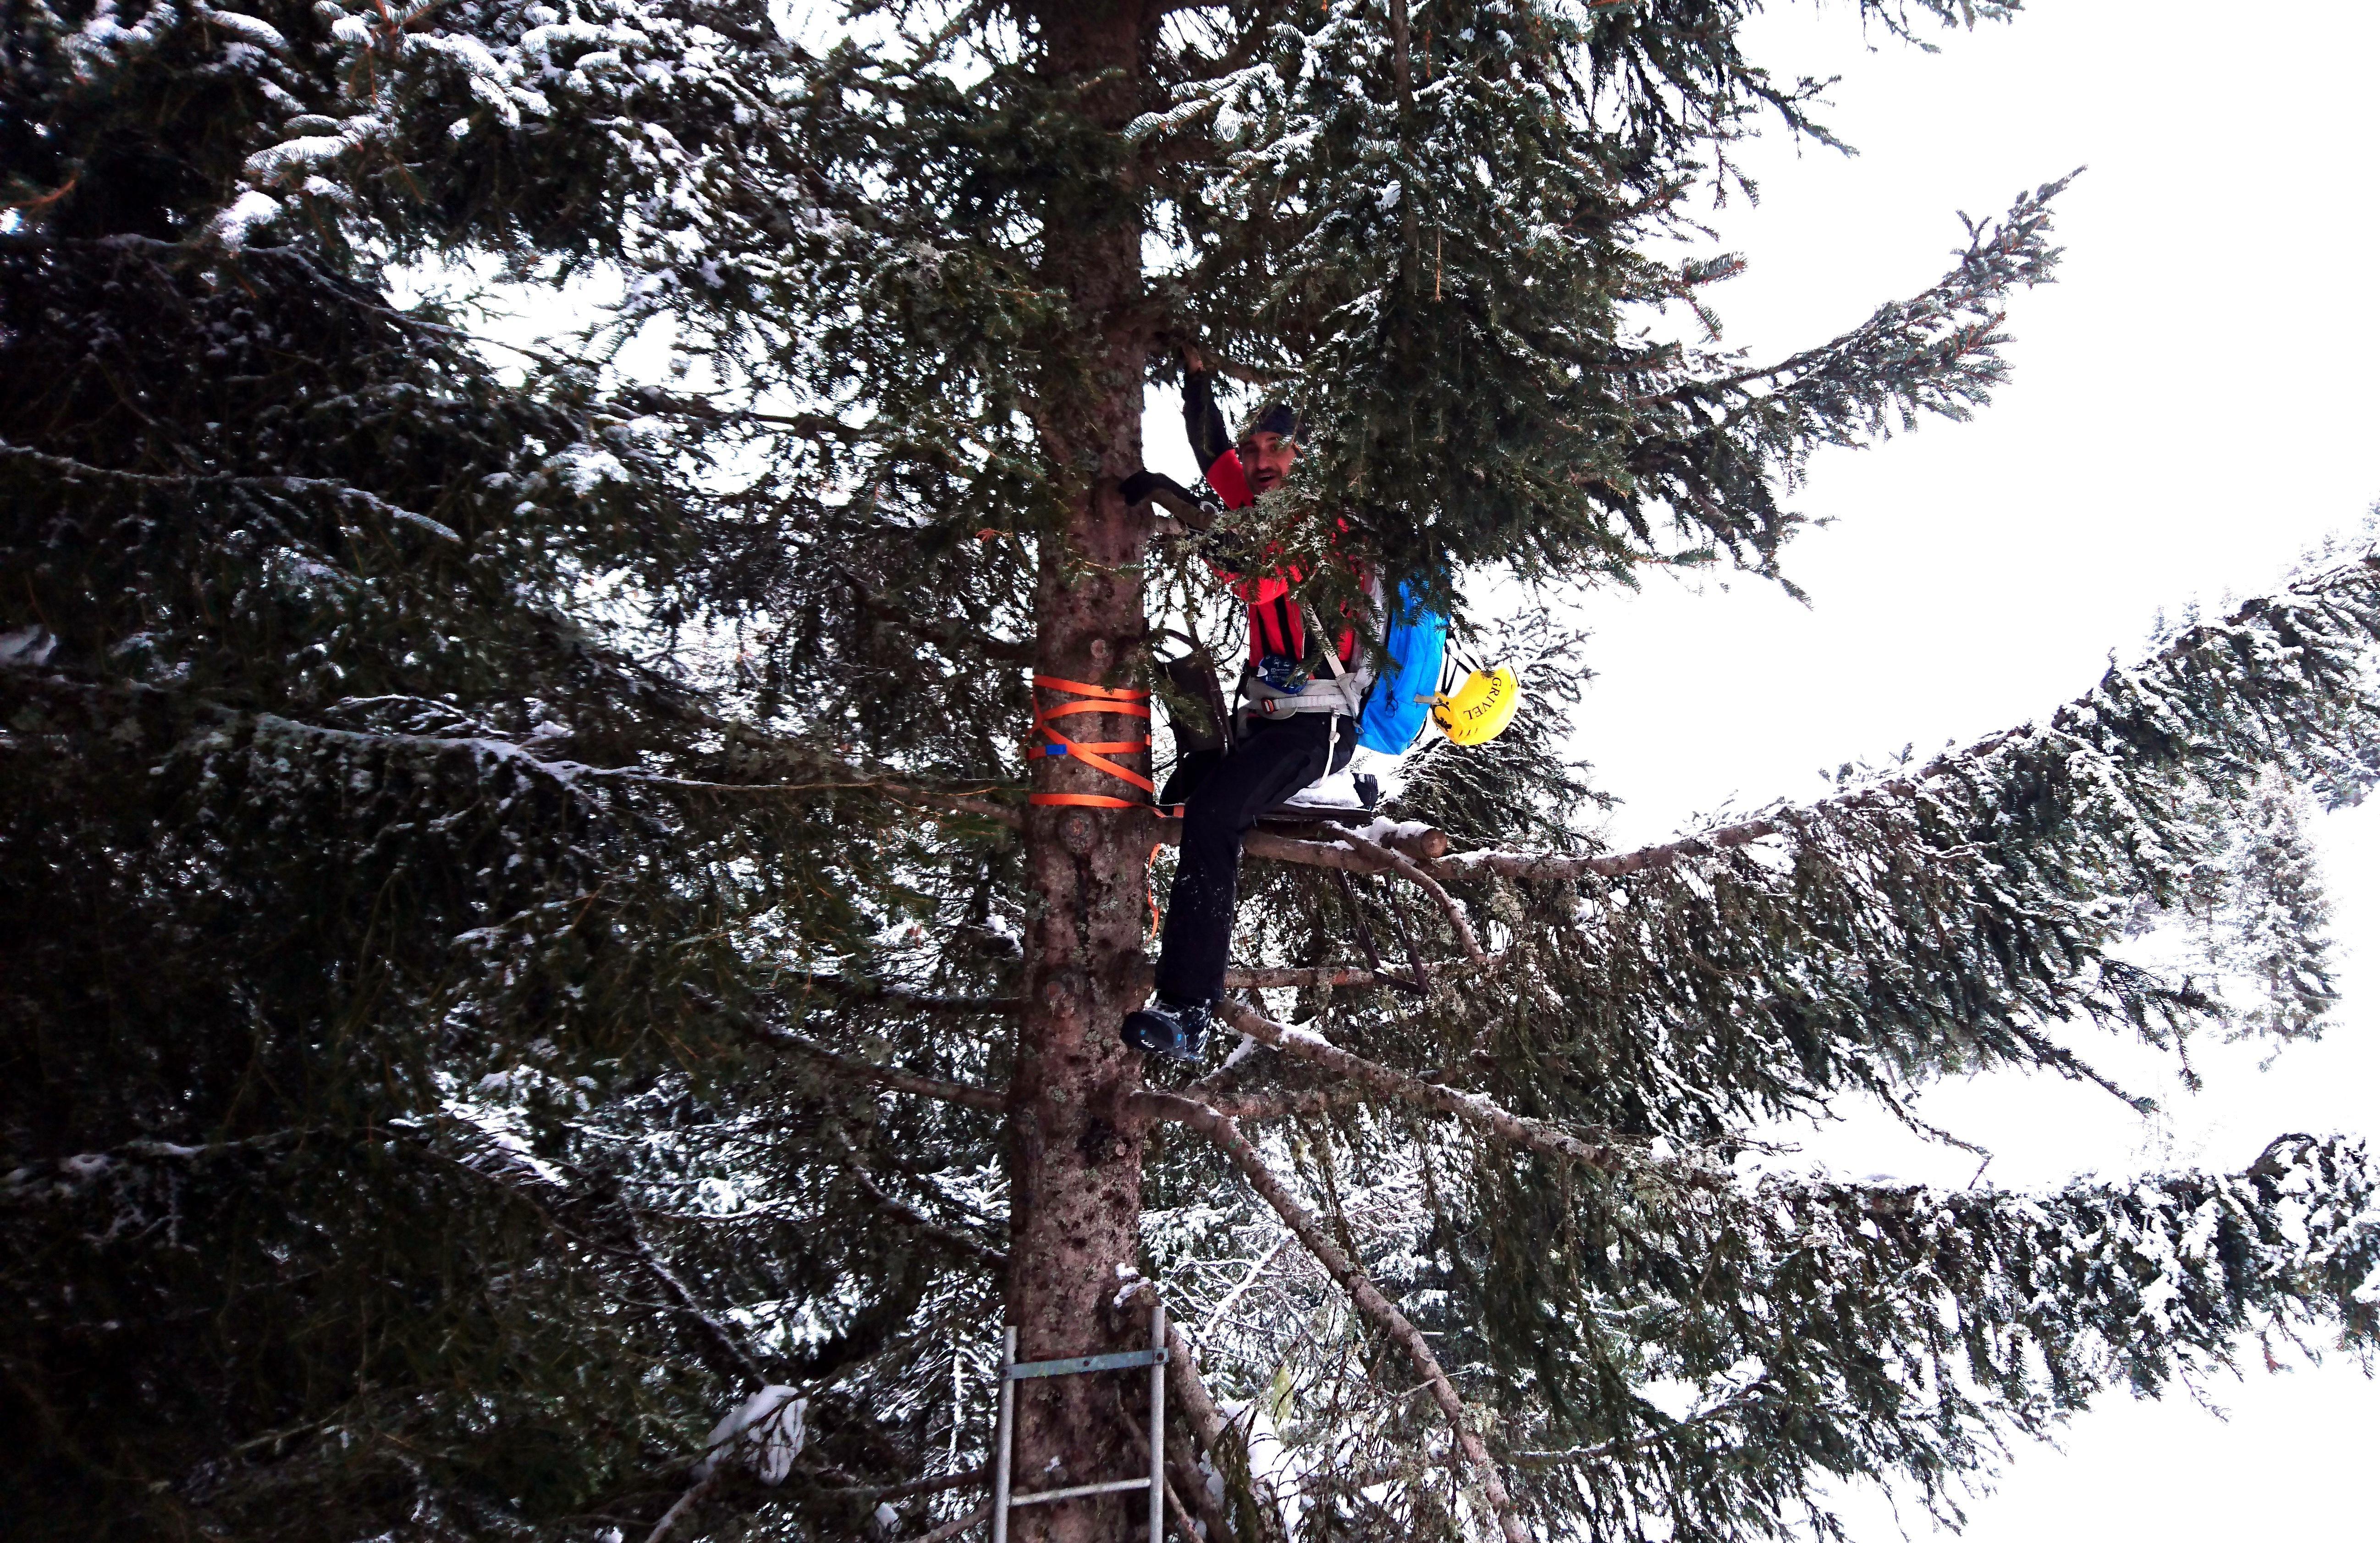 Troviamo una sedia per cacciatori su un albero e quel.....piccione del Gallo non può resistere nel salirci